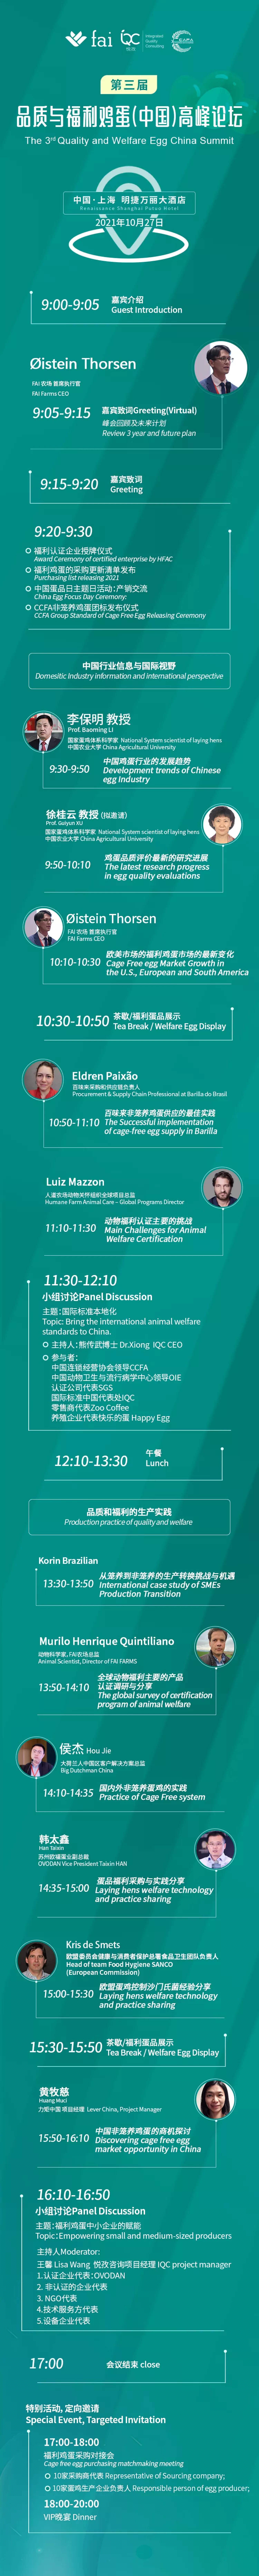 """2021中国动物福利产业创新周将同期召开""""第三届世界动物福利科学大会"""""""